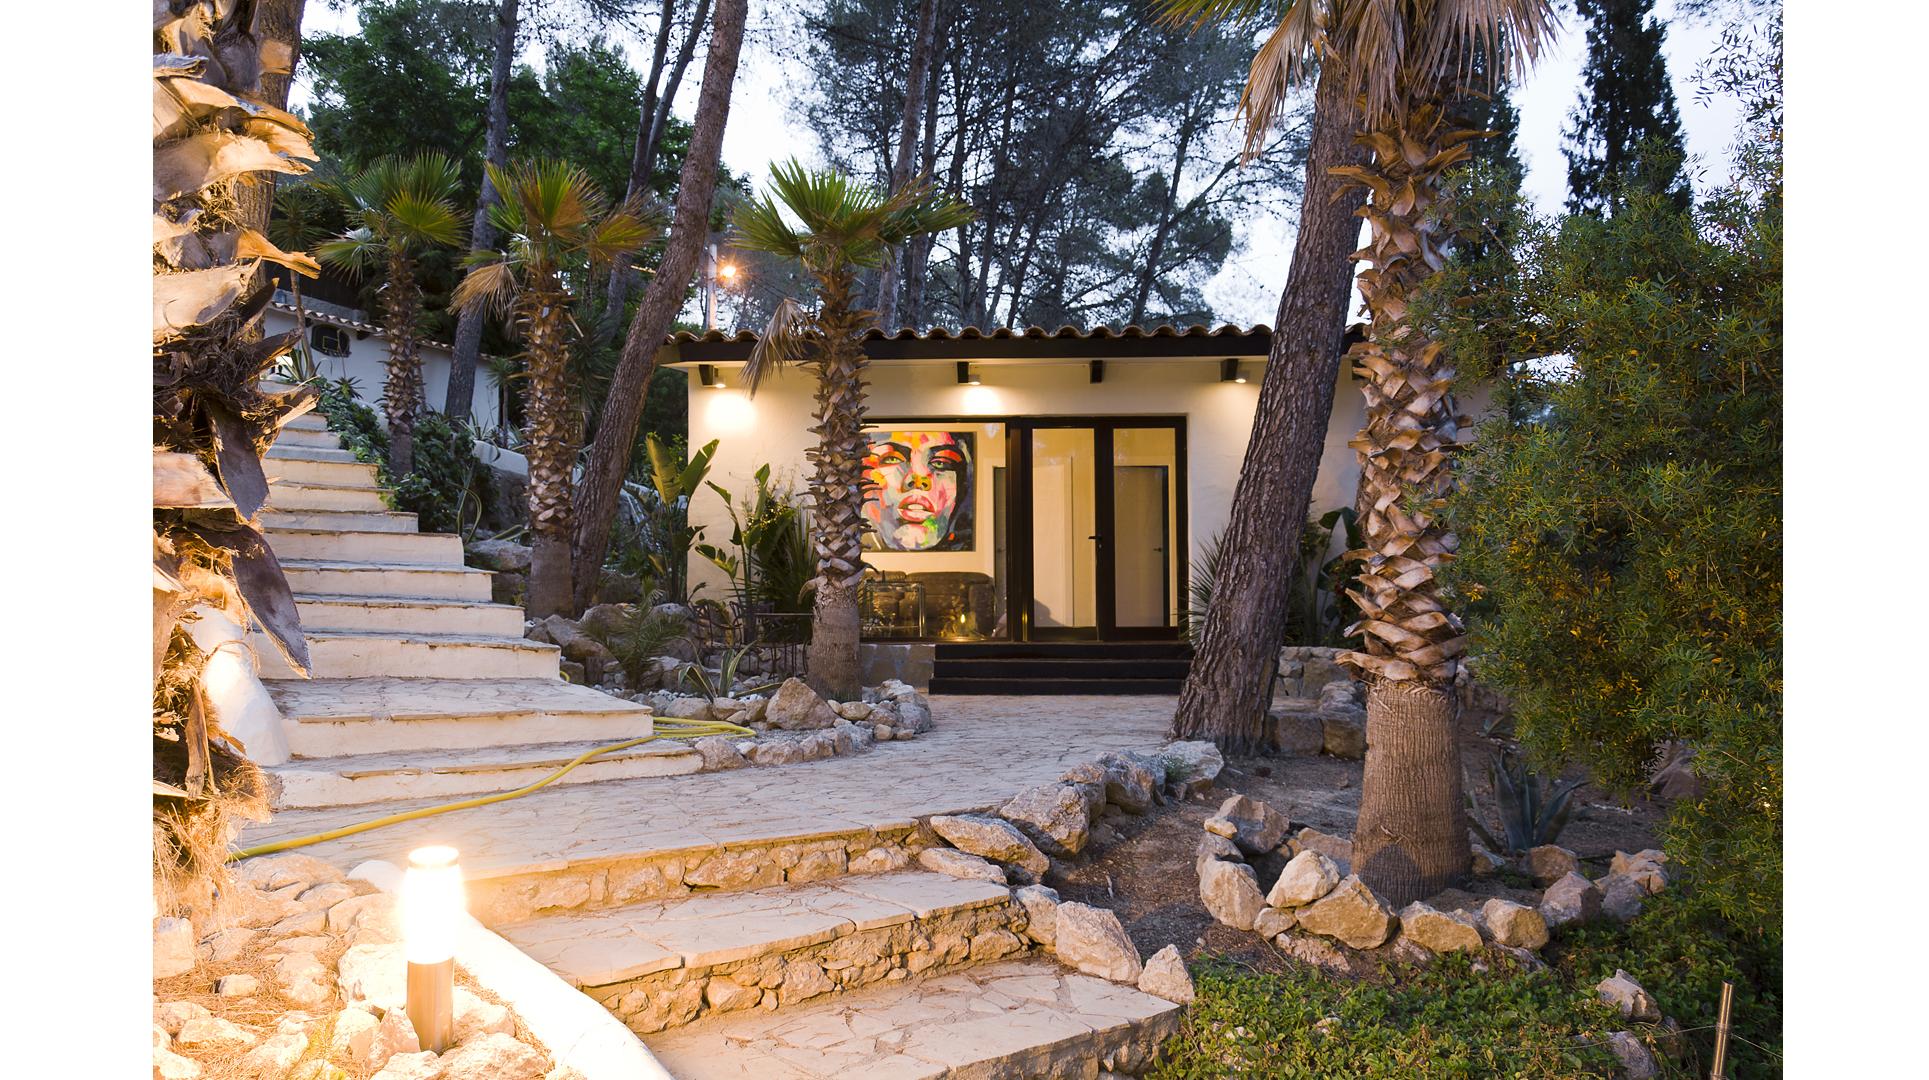 Ferienhaus Villa Palmera, Paradies in der Nhe von Barcelona, luxurise Villa fr 22 Personen (2379177), Olivella, Costa del Garraf, Katalonien, Spanien, Bild 13